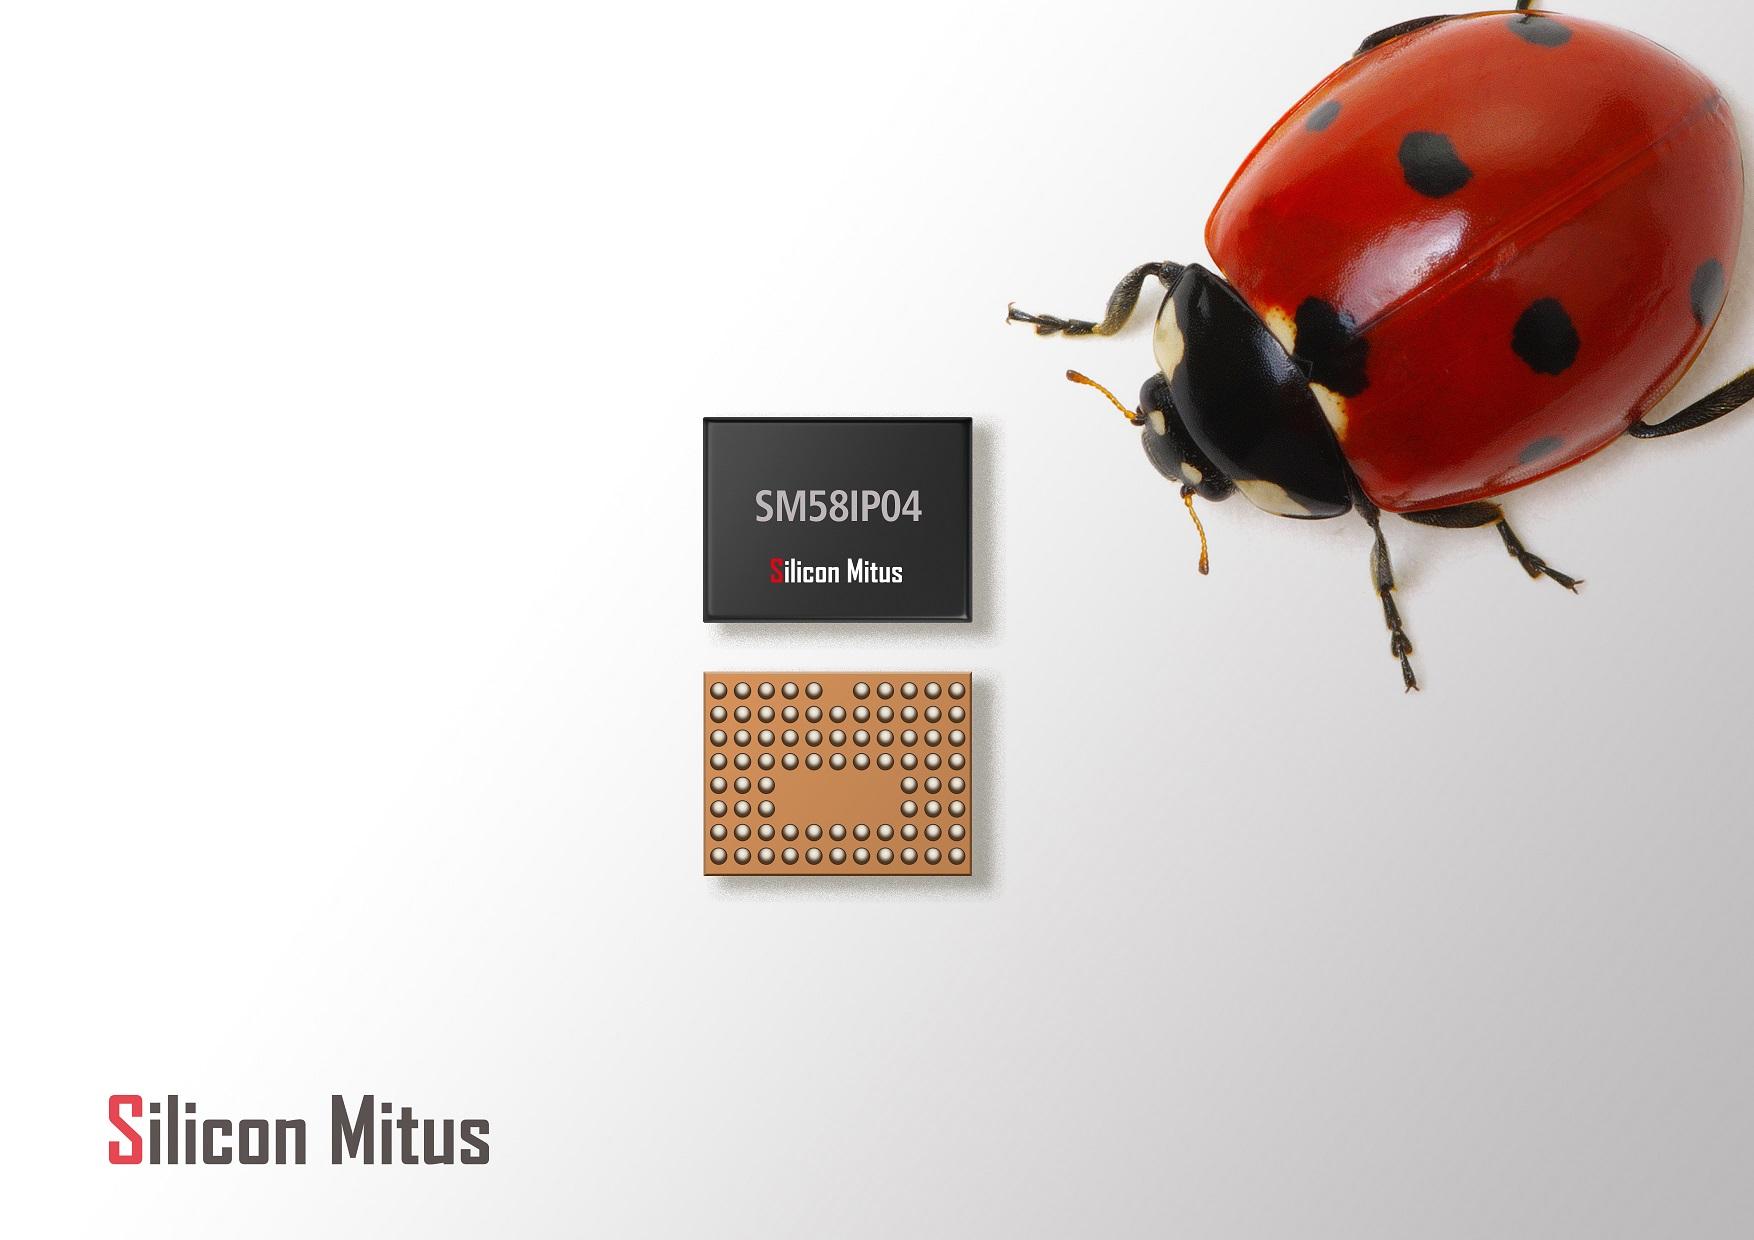 Silicon Mitus发布用于计算和移动电源应用的 单芯片降压-升压USB Type-C充电器SM58IP04